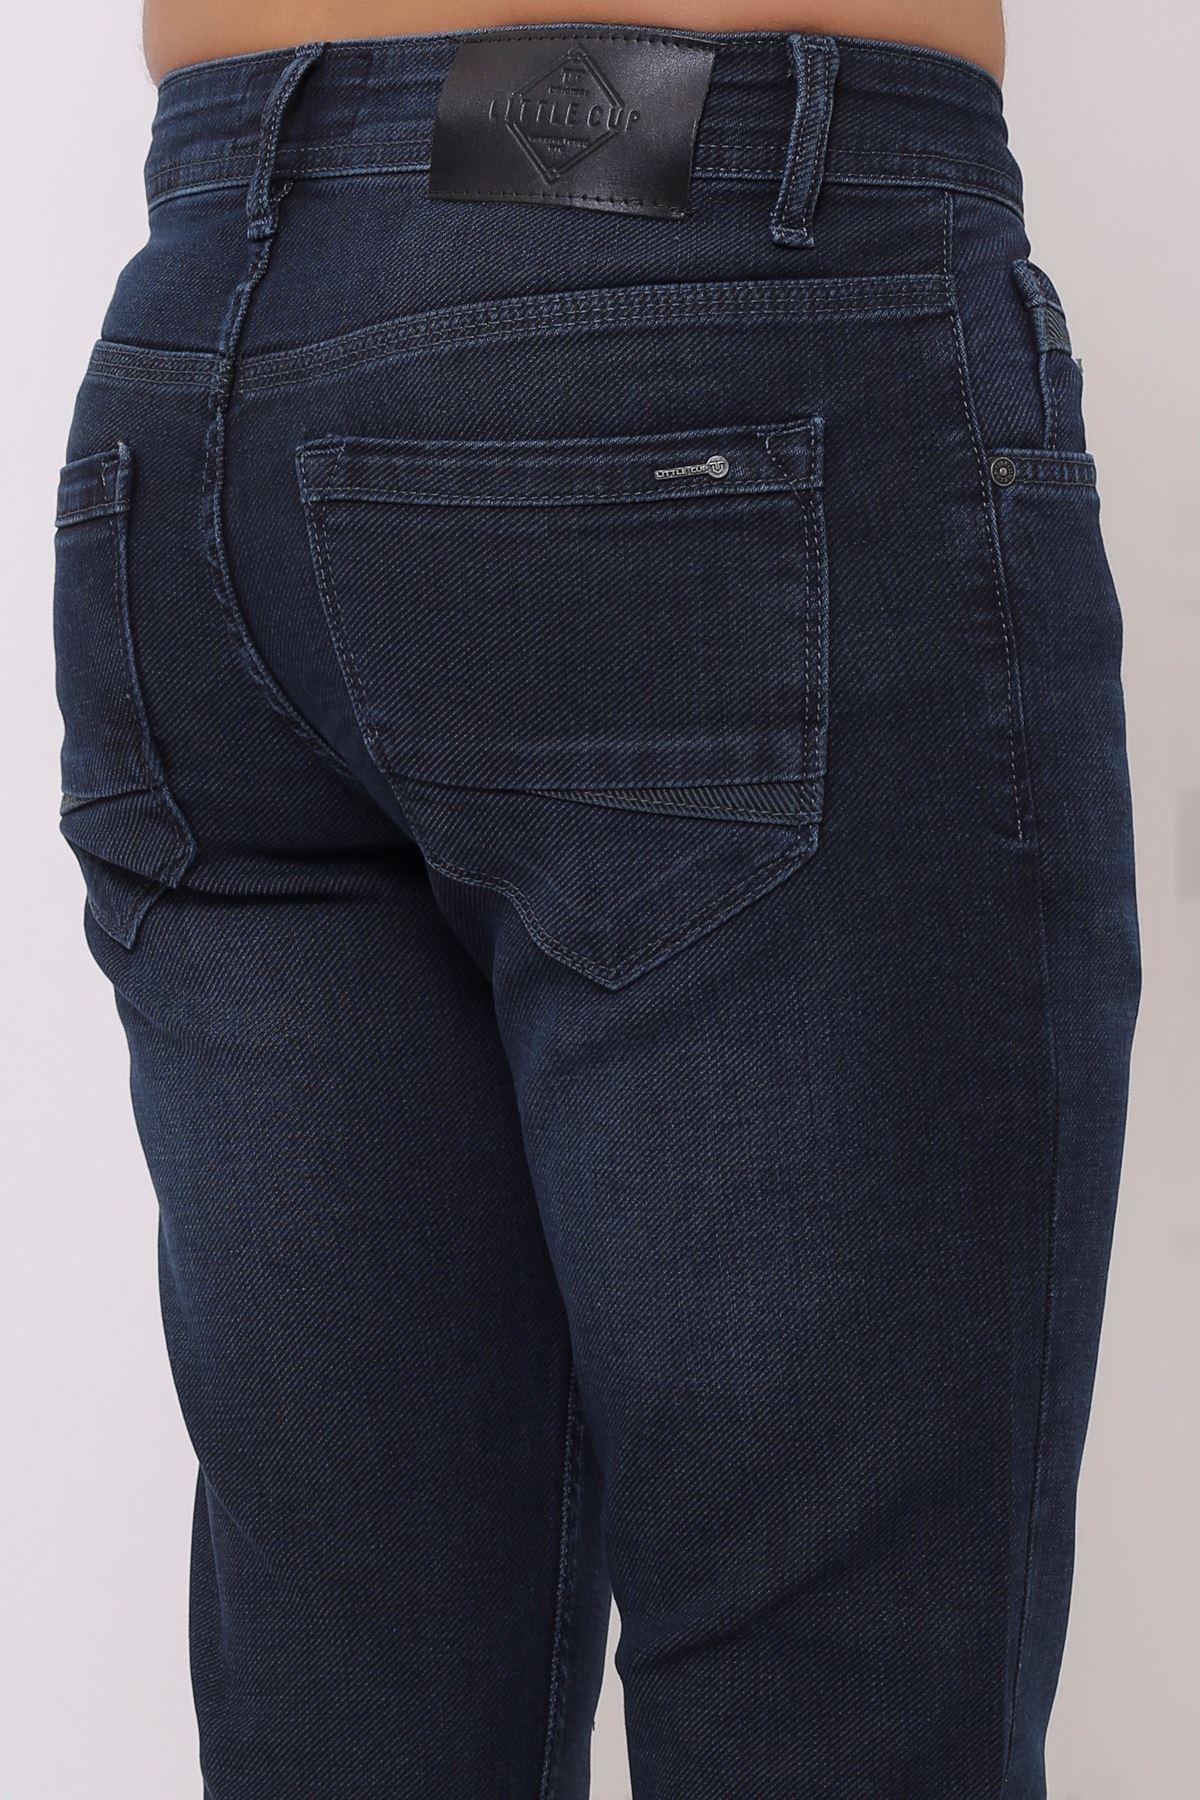 Yeni Armürlü Slim Fit Fermuarlı Yeşil Tint Erkek Pantolon